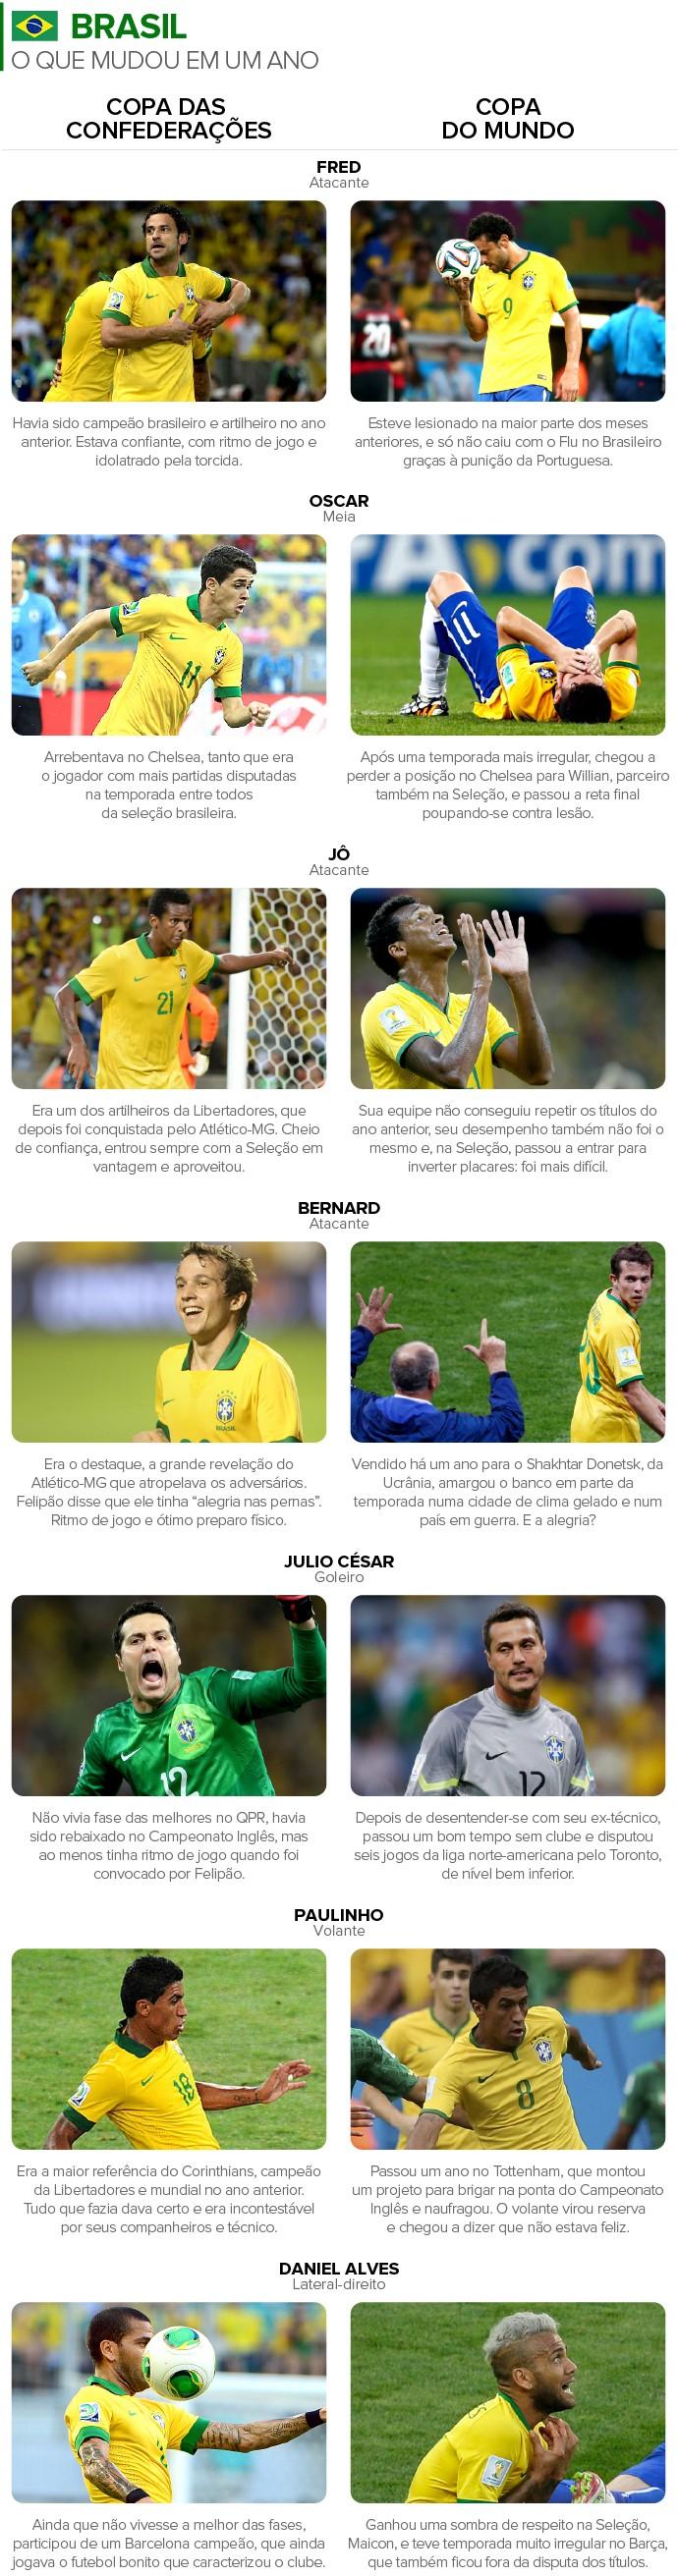 Info Comparação de jogadores na COPA das Confederações x COPA do Mundo 2 (Foto: Infoesporte)